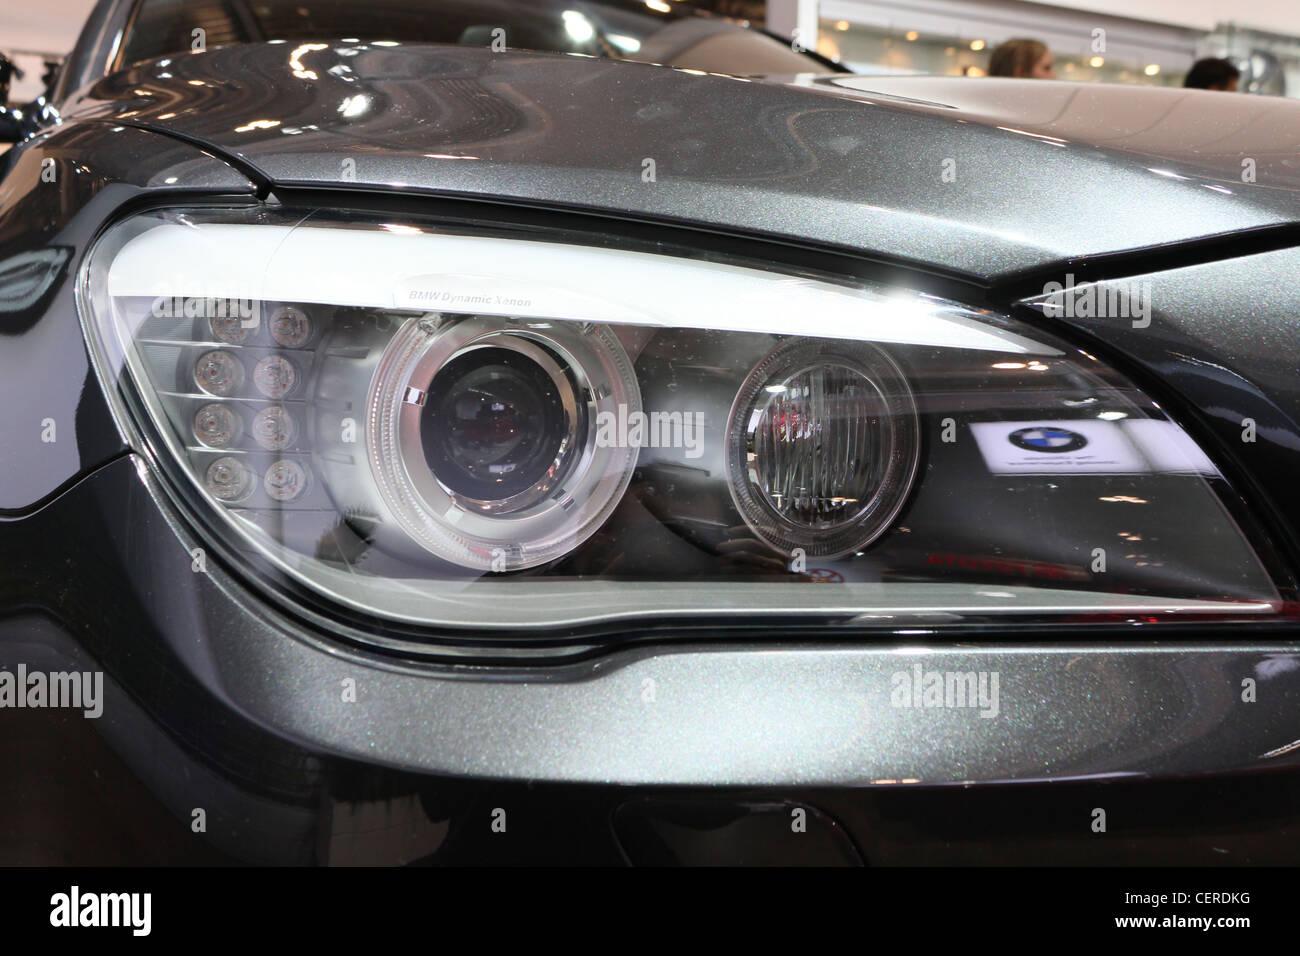 bmw car headlight closeup - Stock Image